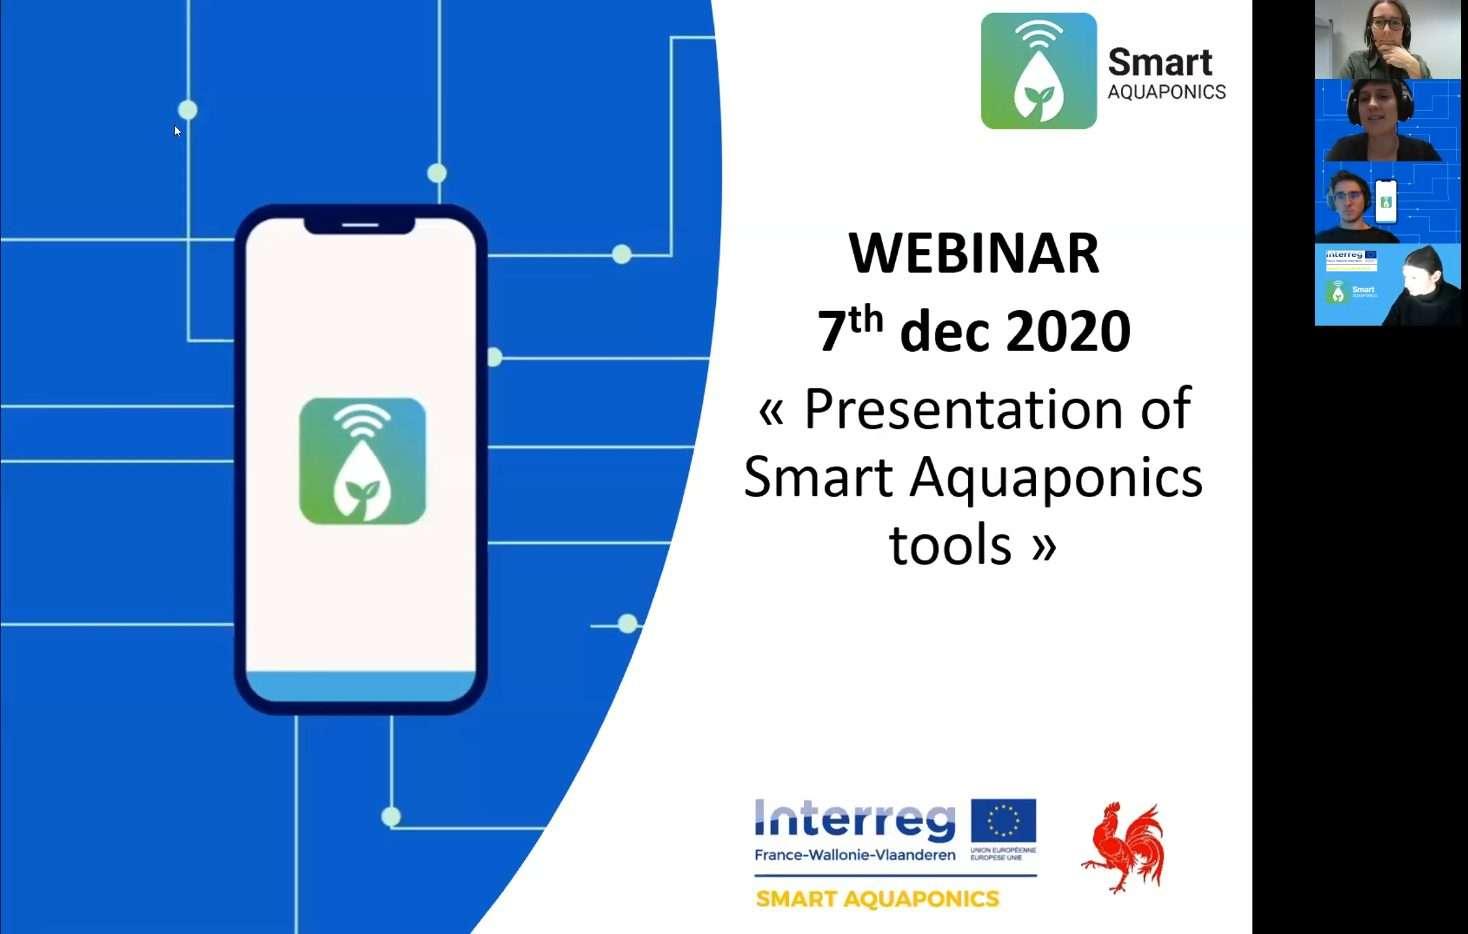 Smart Aquaponics